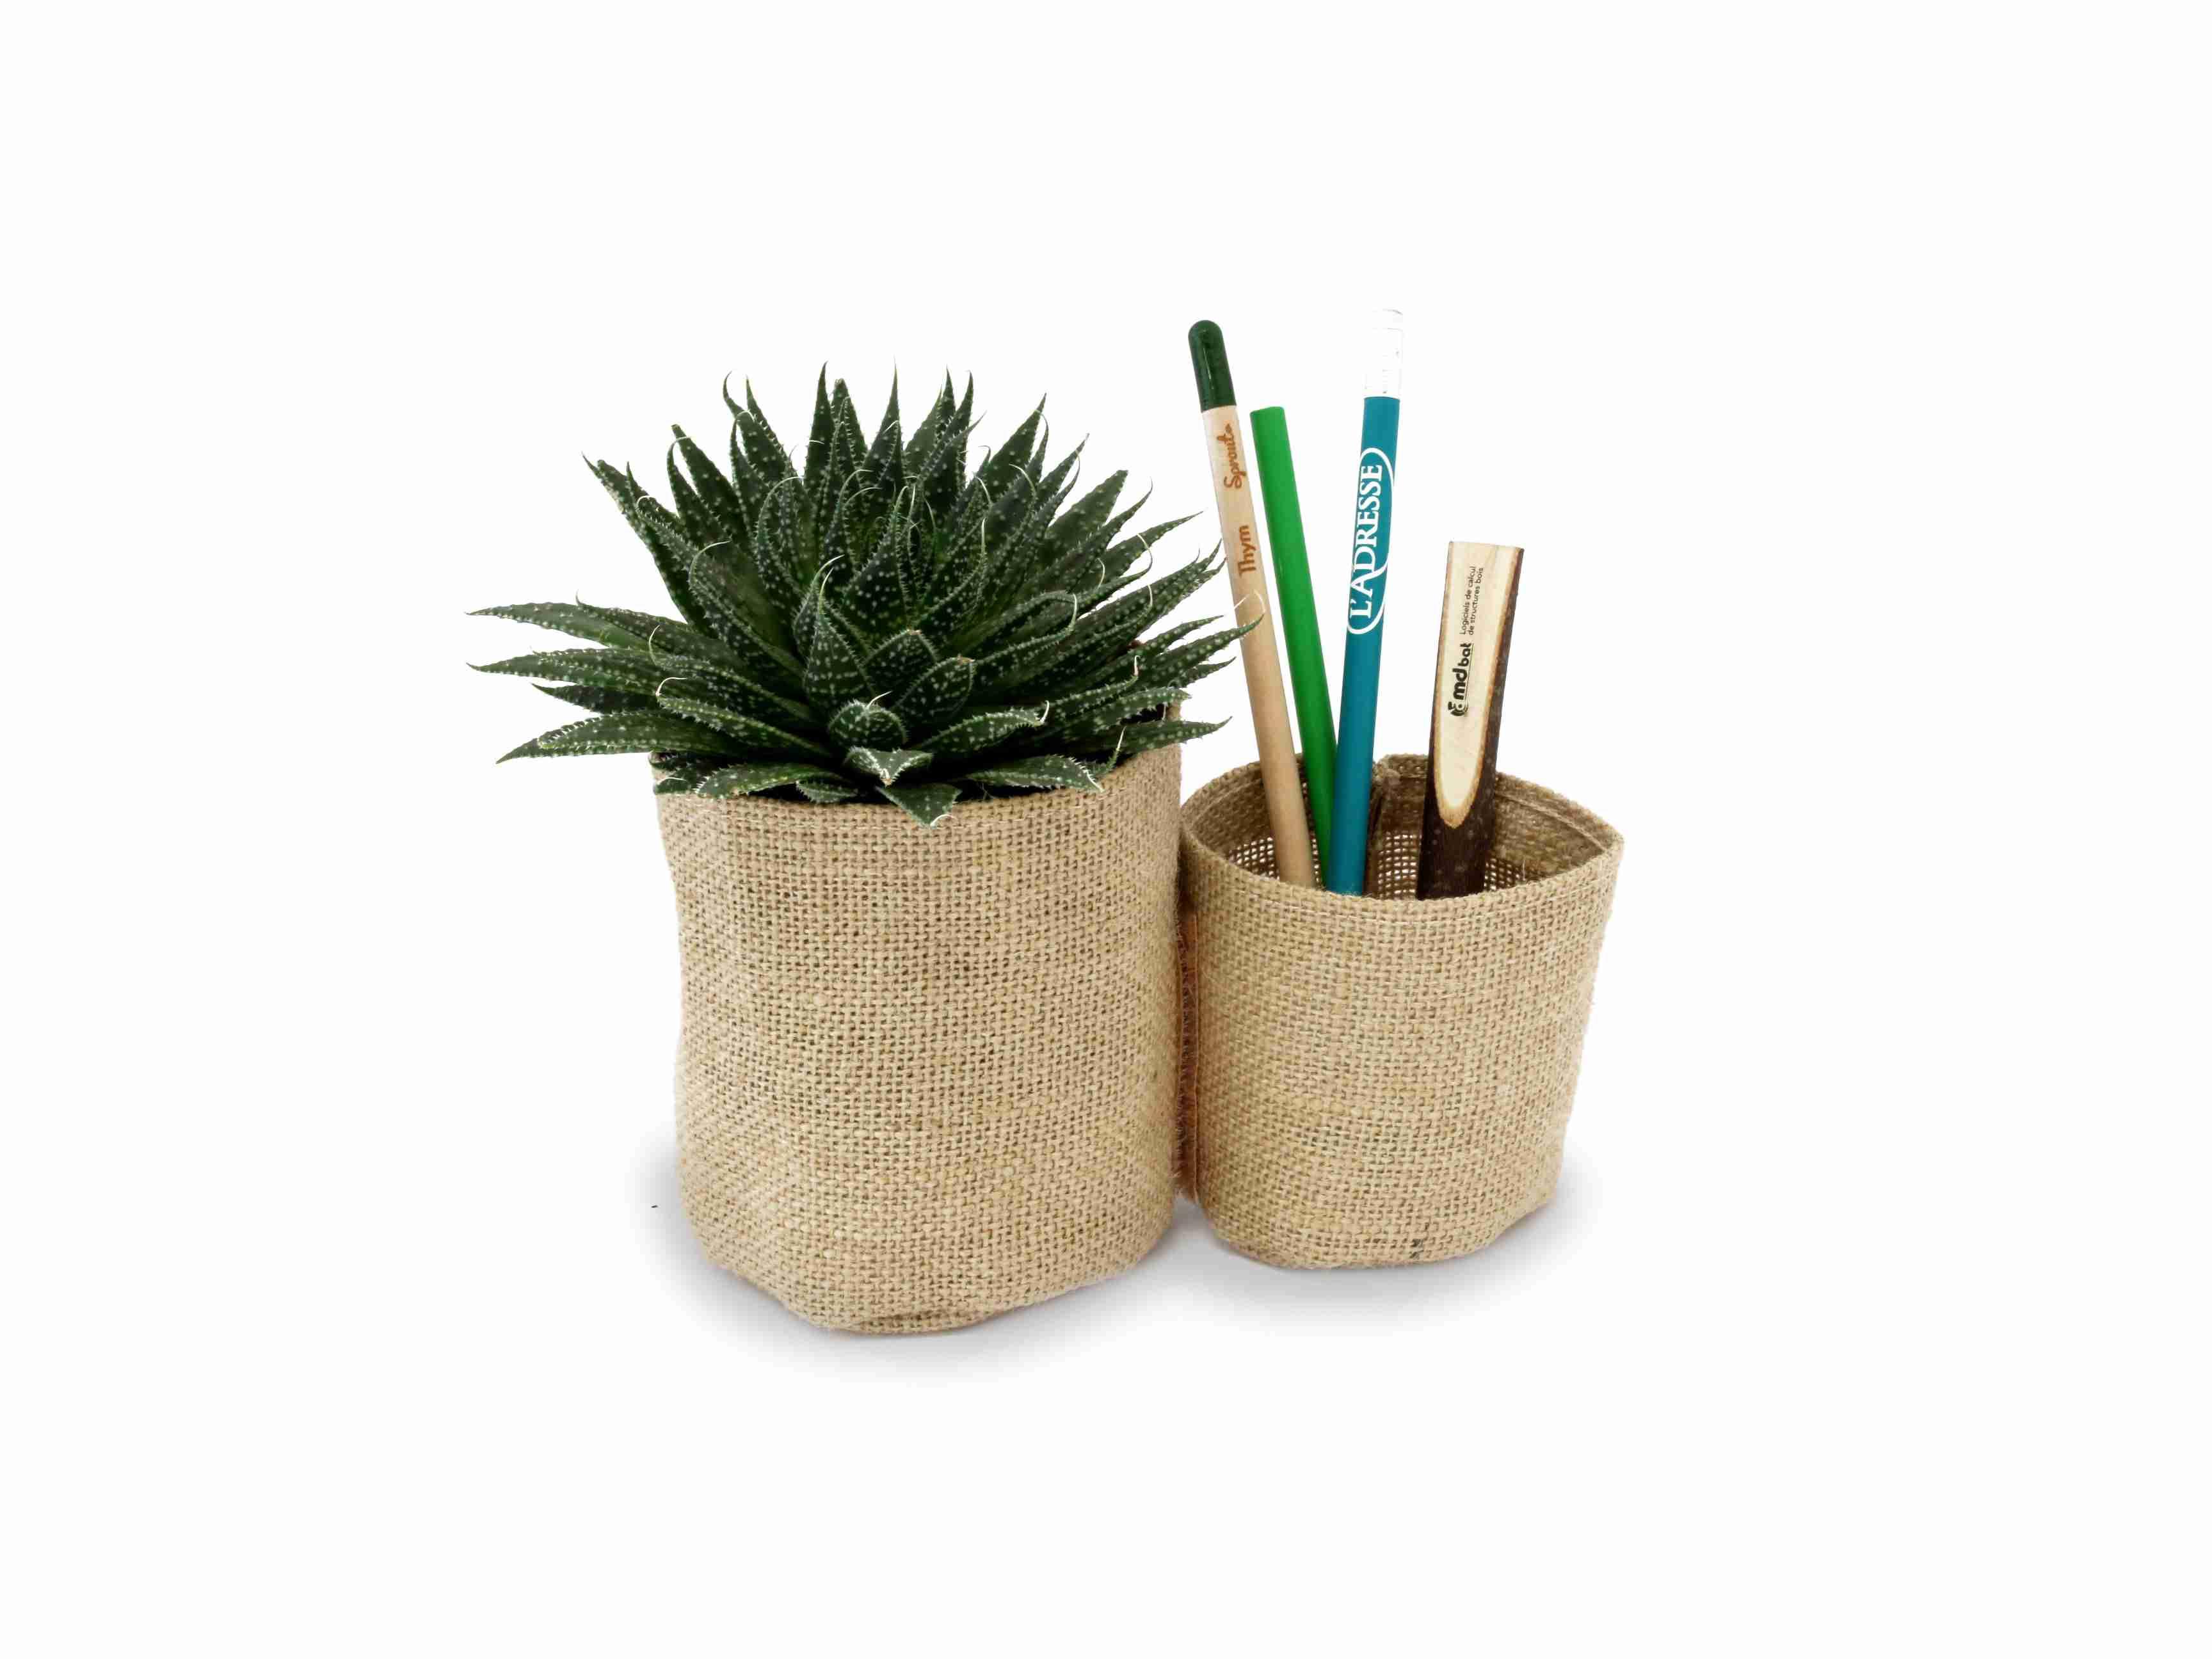 Plante dépolluante publicitaire double pots en toile de jute - cadeau publicitaire écologique